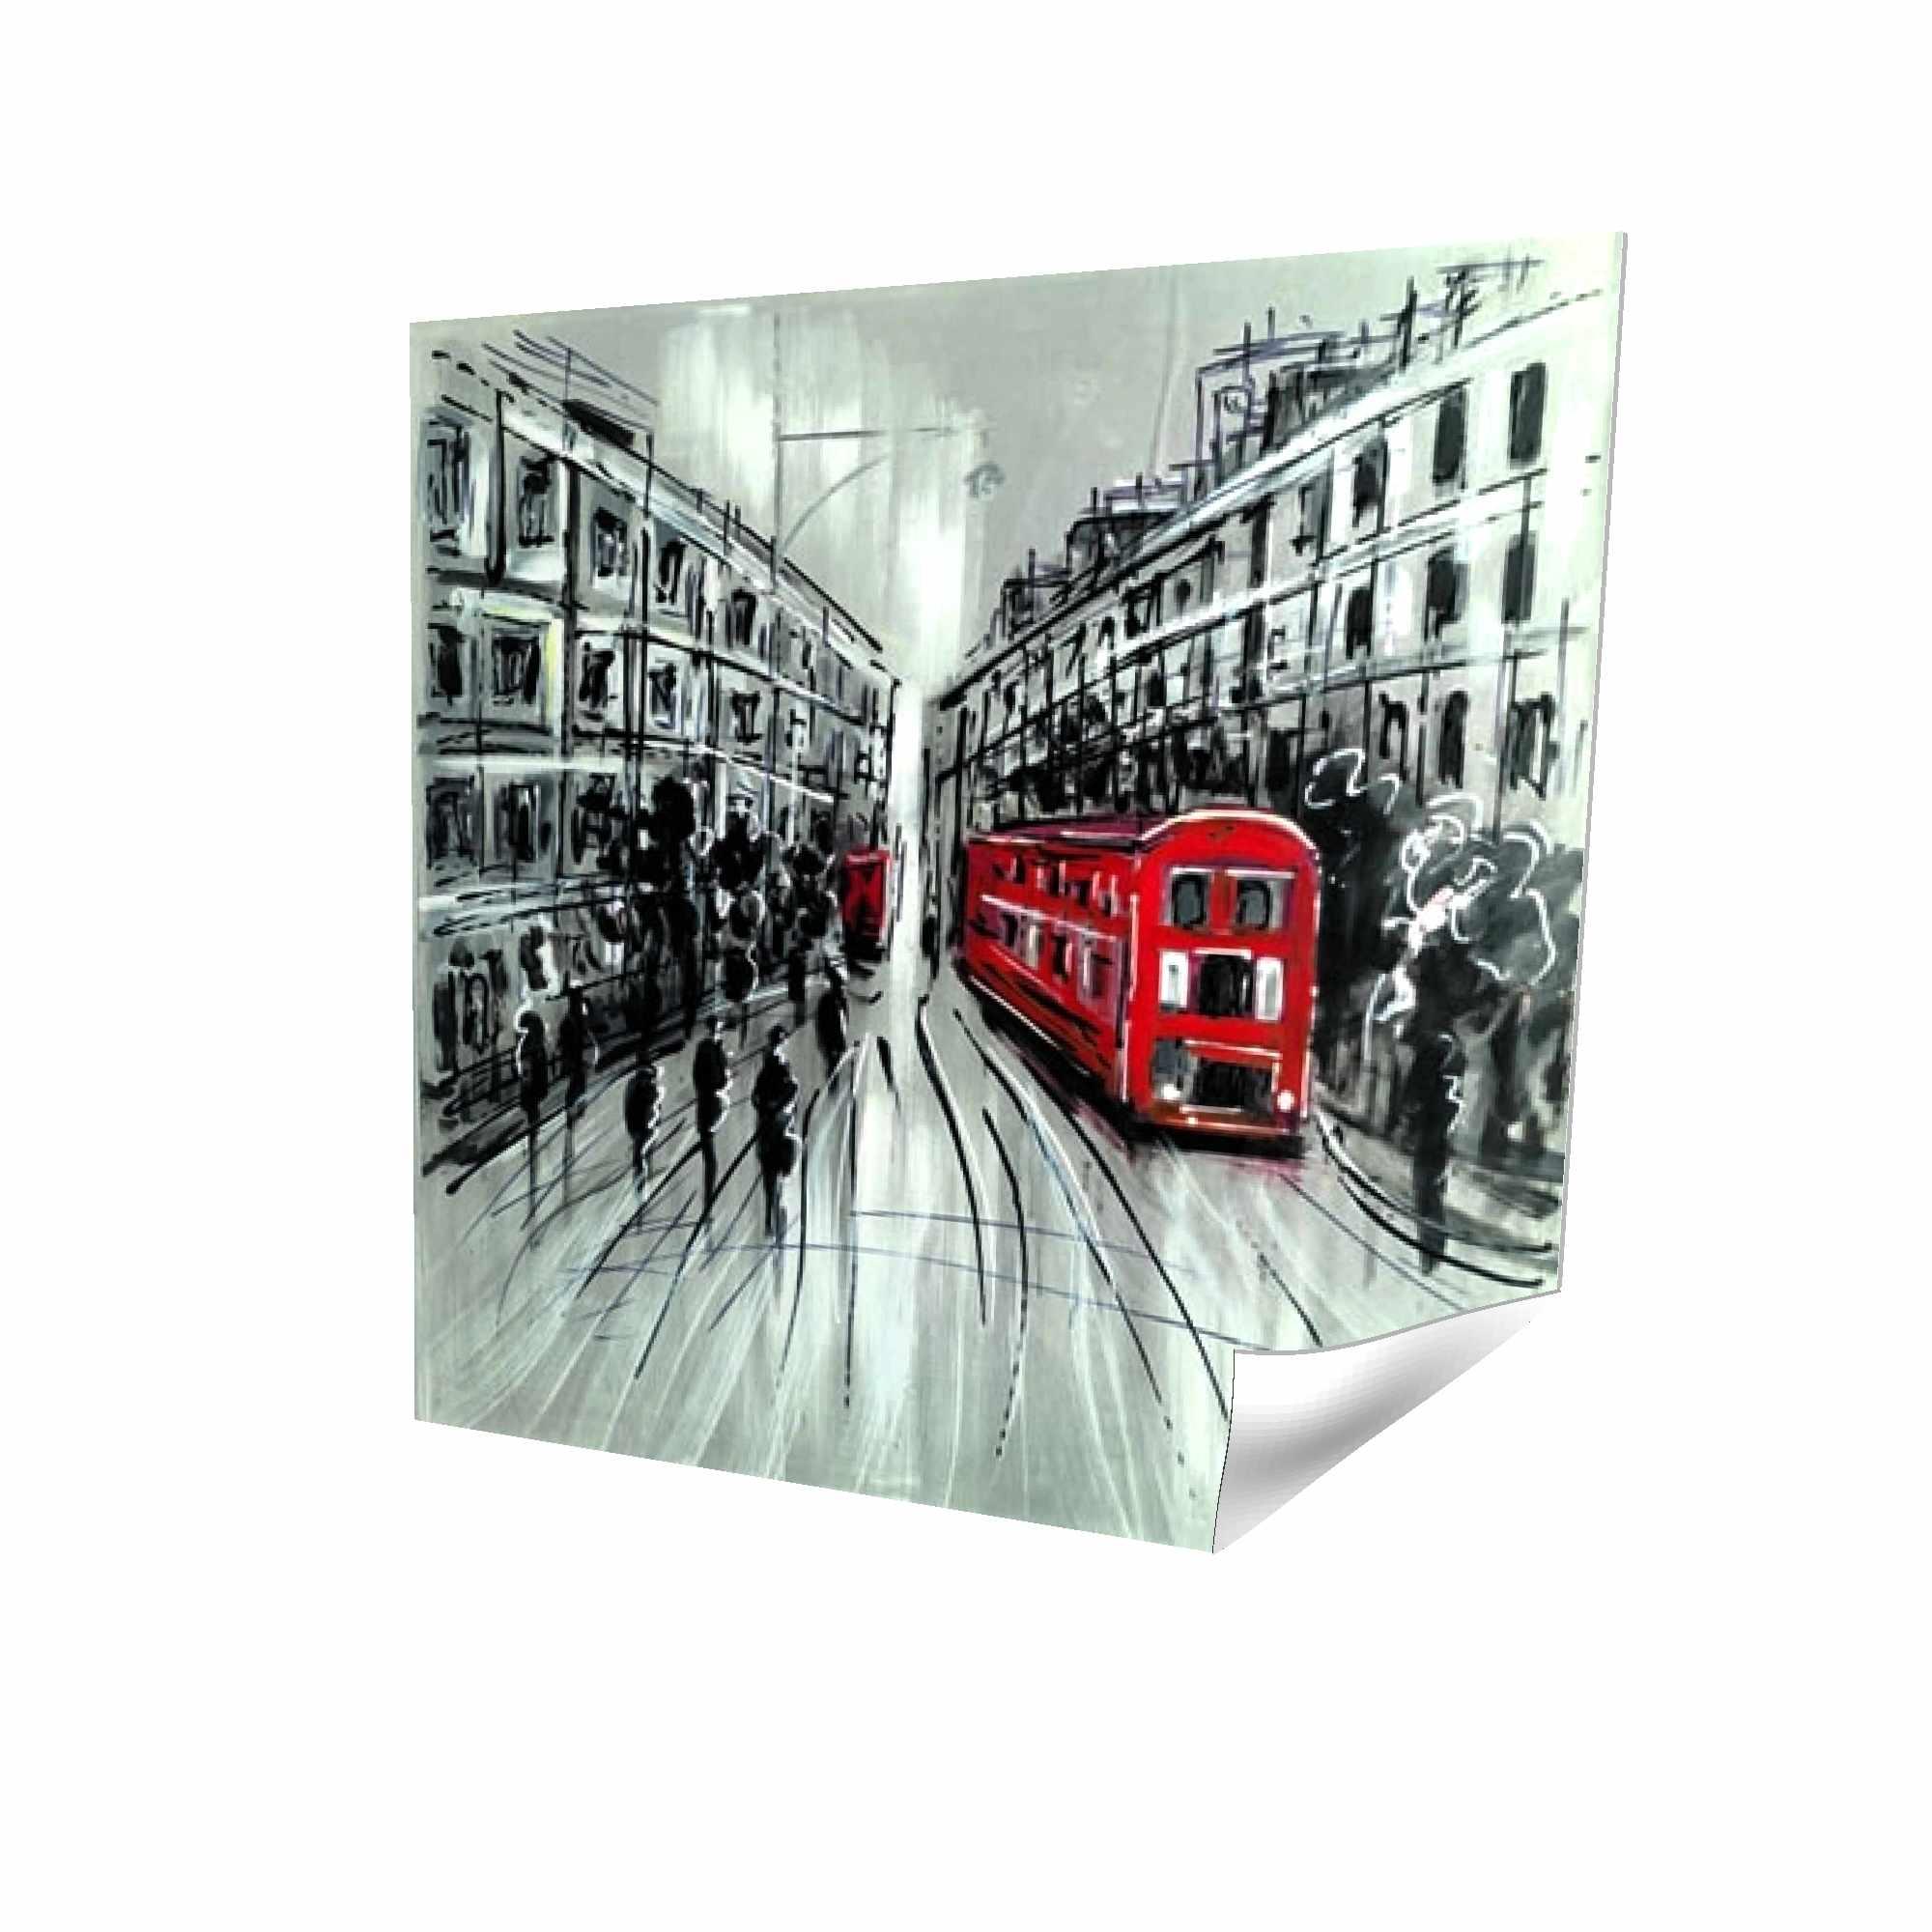 Rue en noir et blanc avec bus rouge